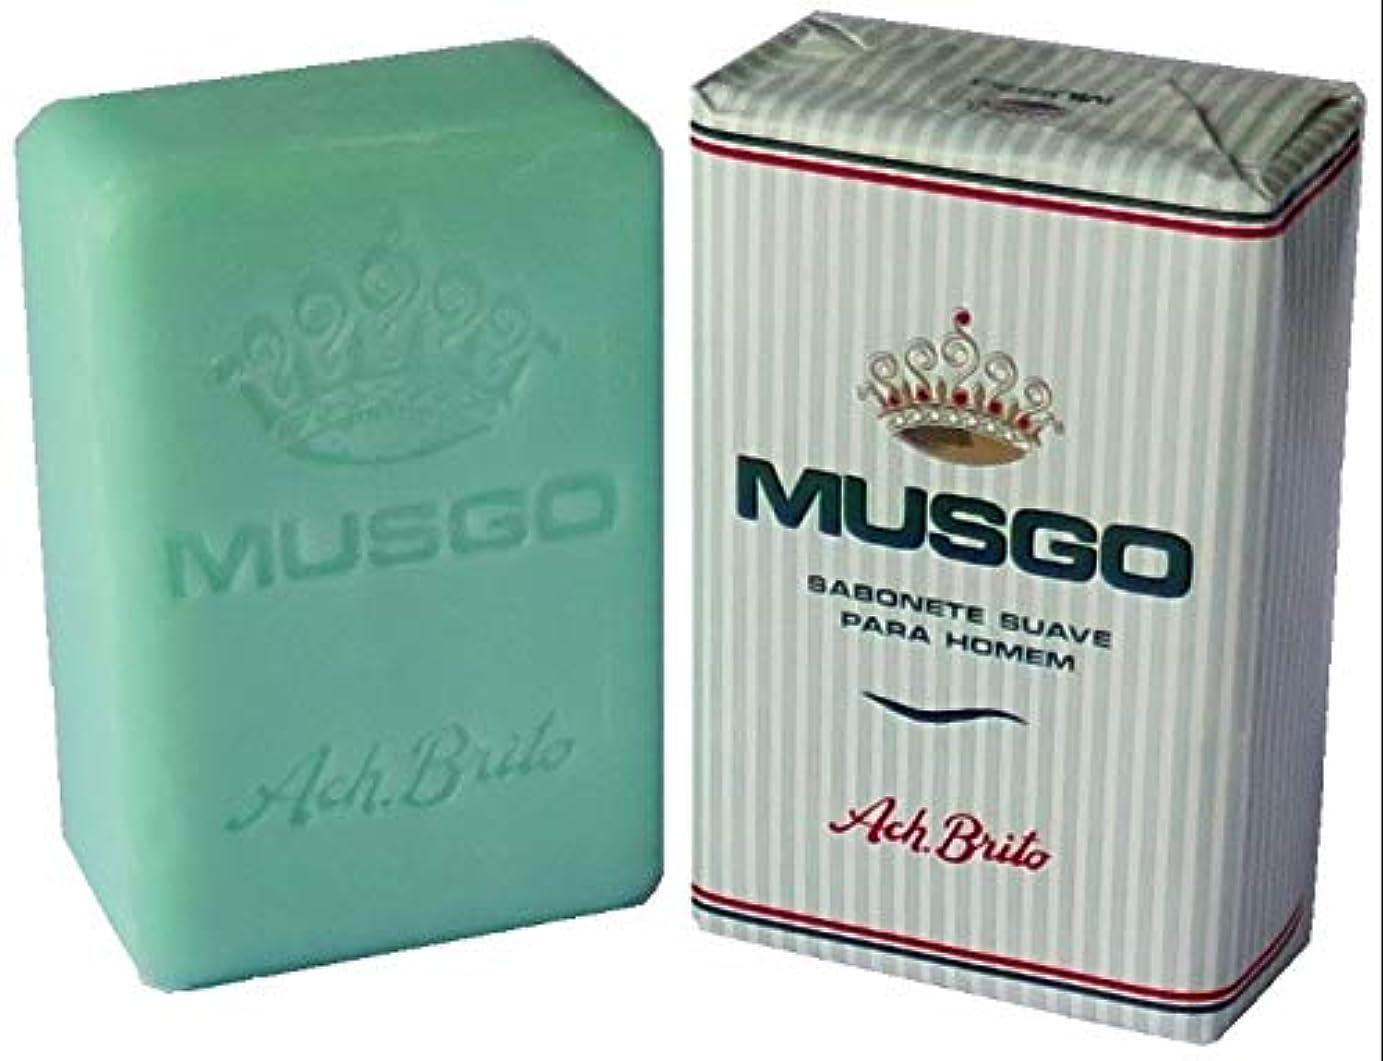 落ち着いたムスタチオ廃棄Musgo Real Body Soap 「ロイヤルモス」 ボディソープバー 160g [並行輸入品]